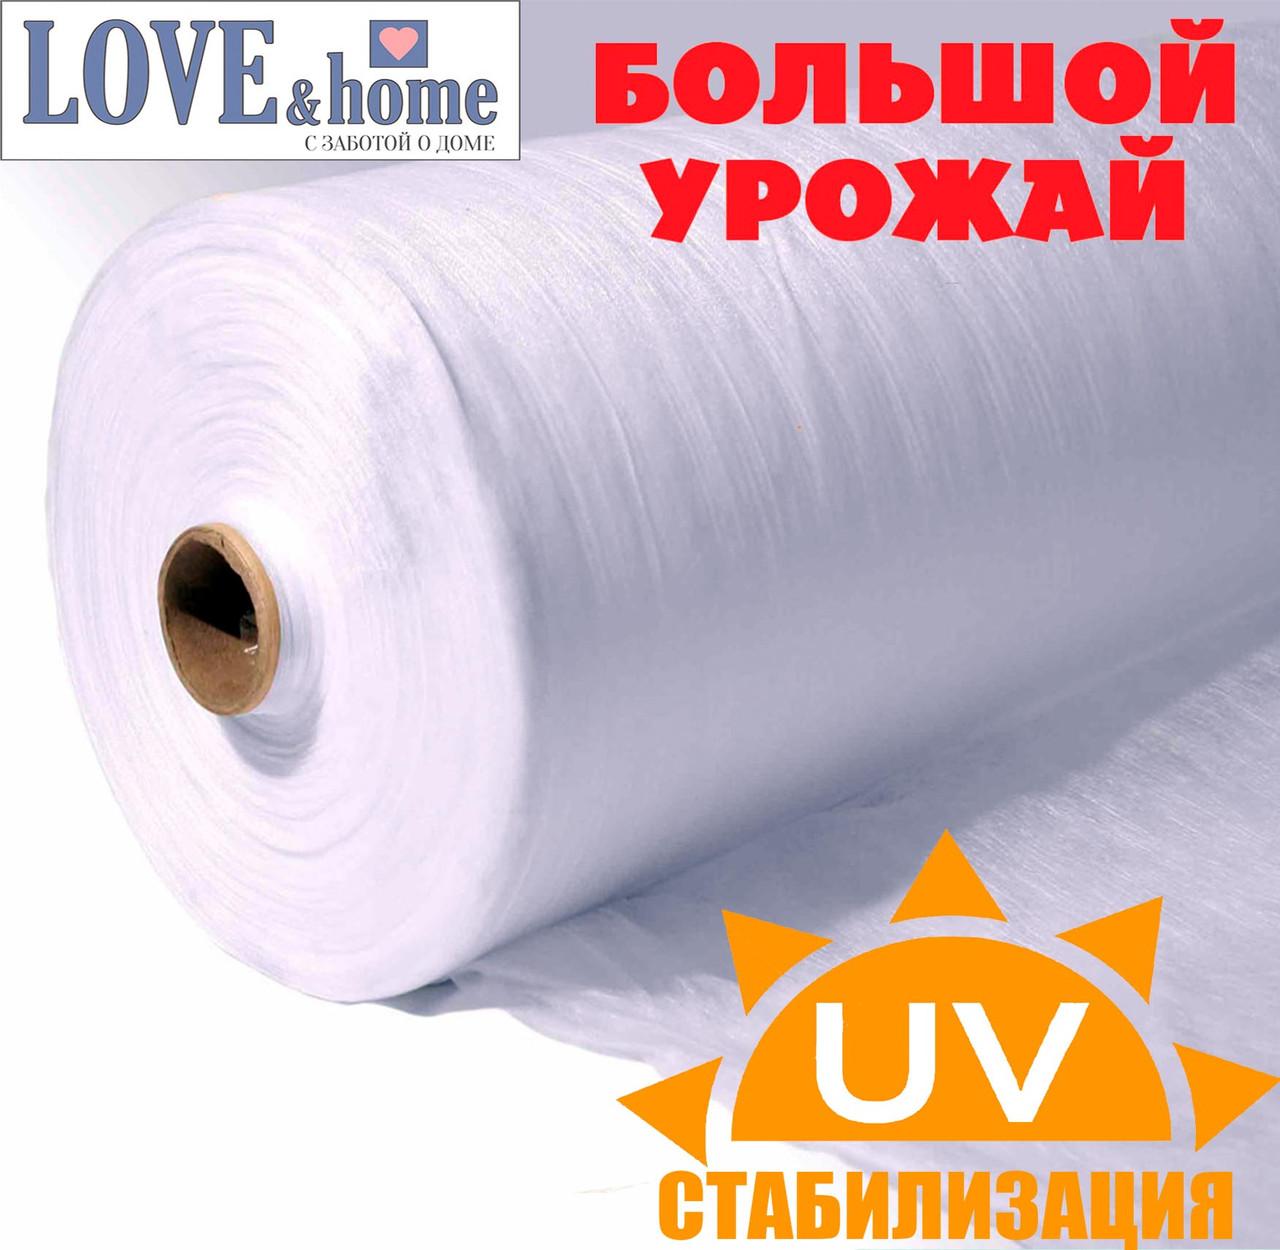 Агроволокно белое, плотность 23г/м². ширина 4.2 м. длинна 50м.